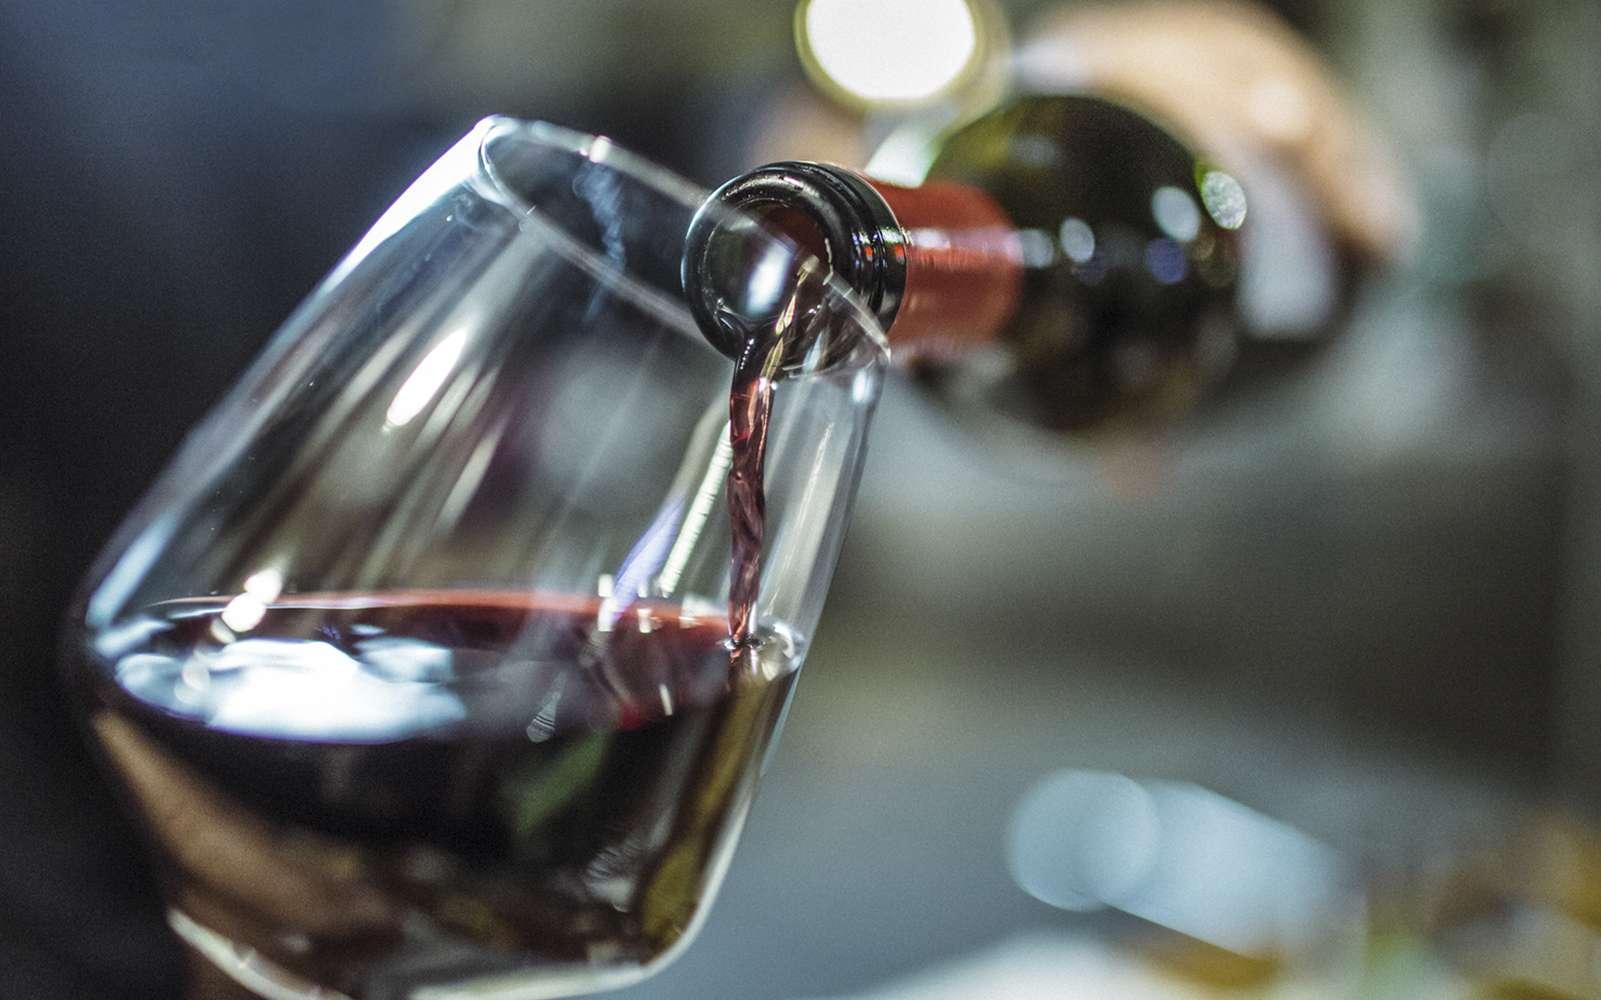 20 g d'alcool par jour ou moins pourrait faire baisser le taux d'insuline et de triglycérides. © Instants, Istock.com